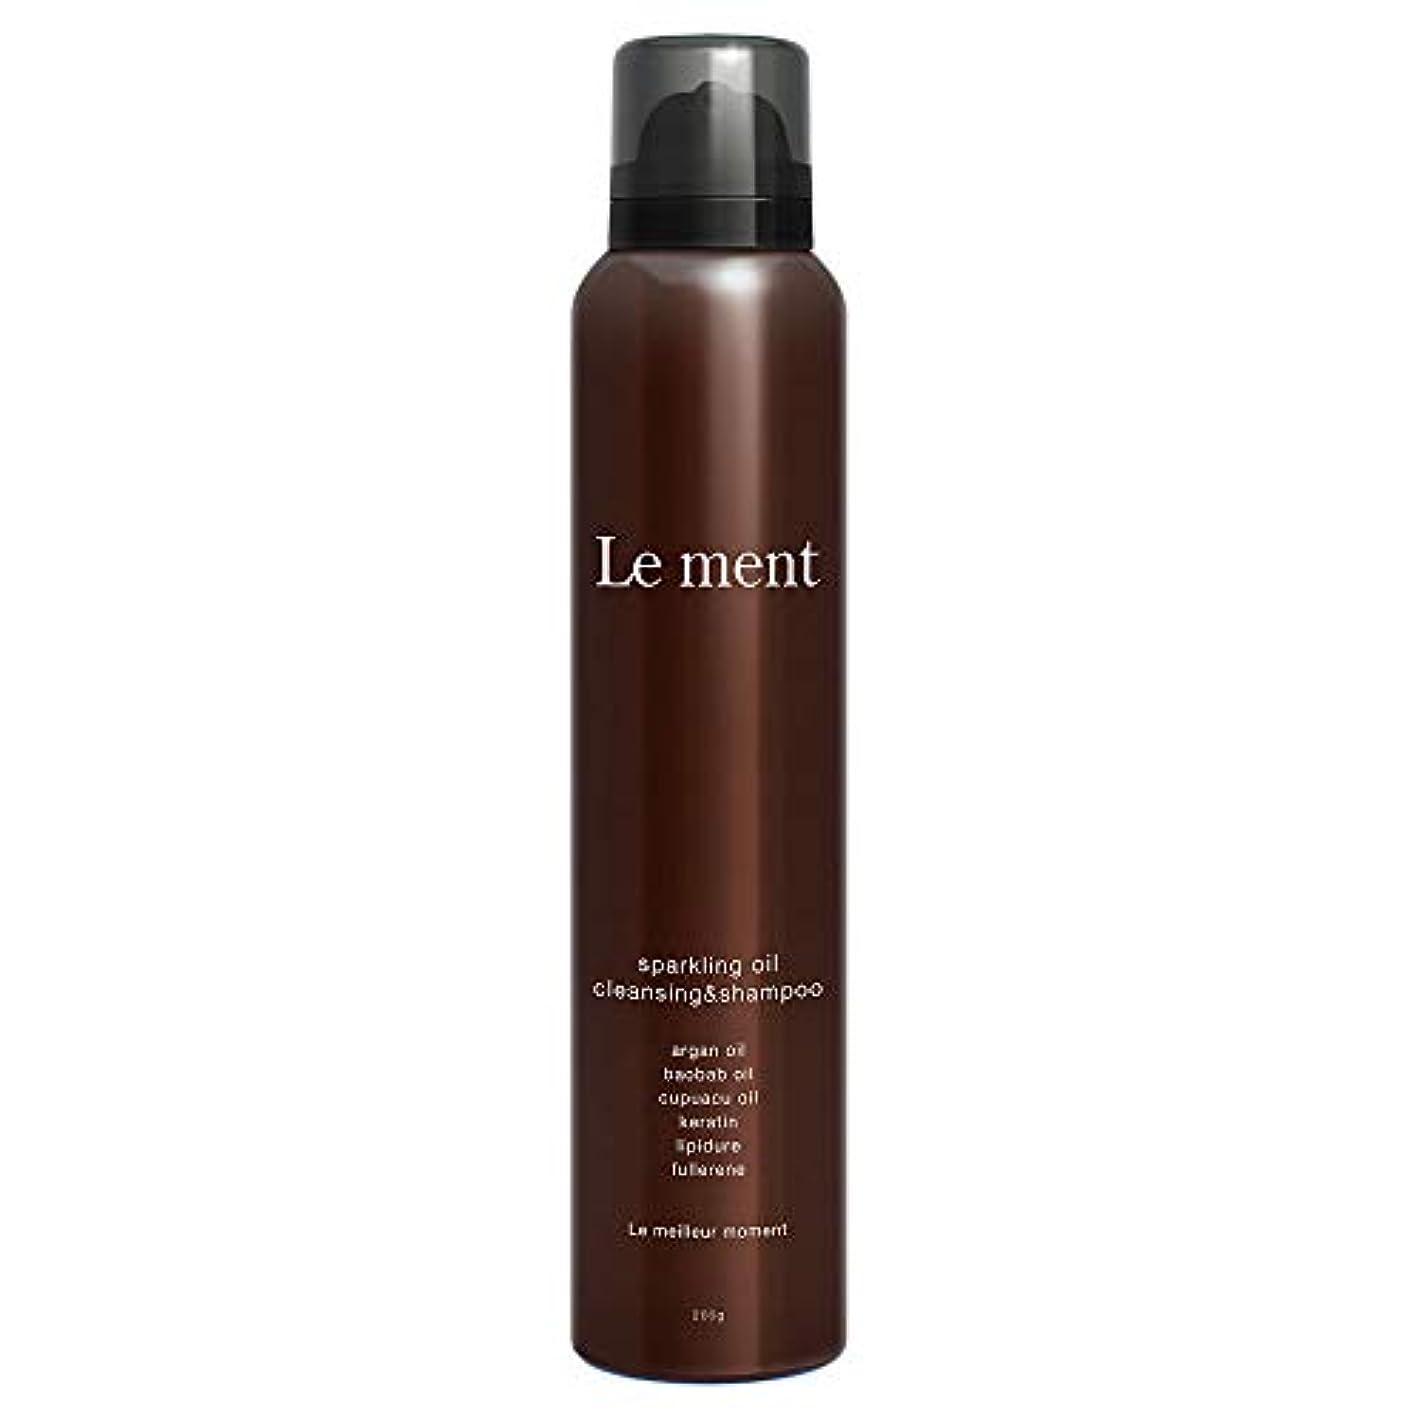 喉が渇いたバーパターンLe ment -sparkling oil cleansing & shampoo -